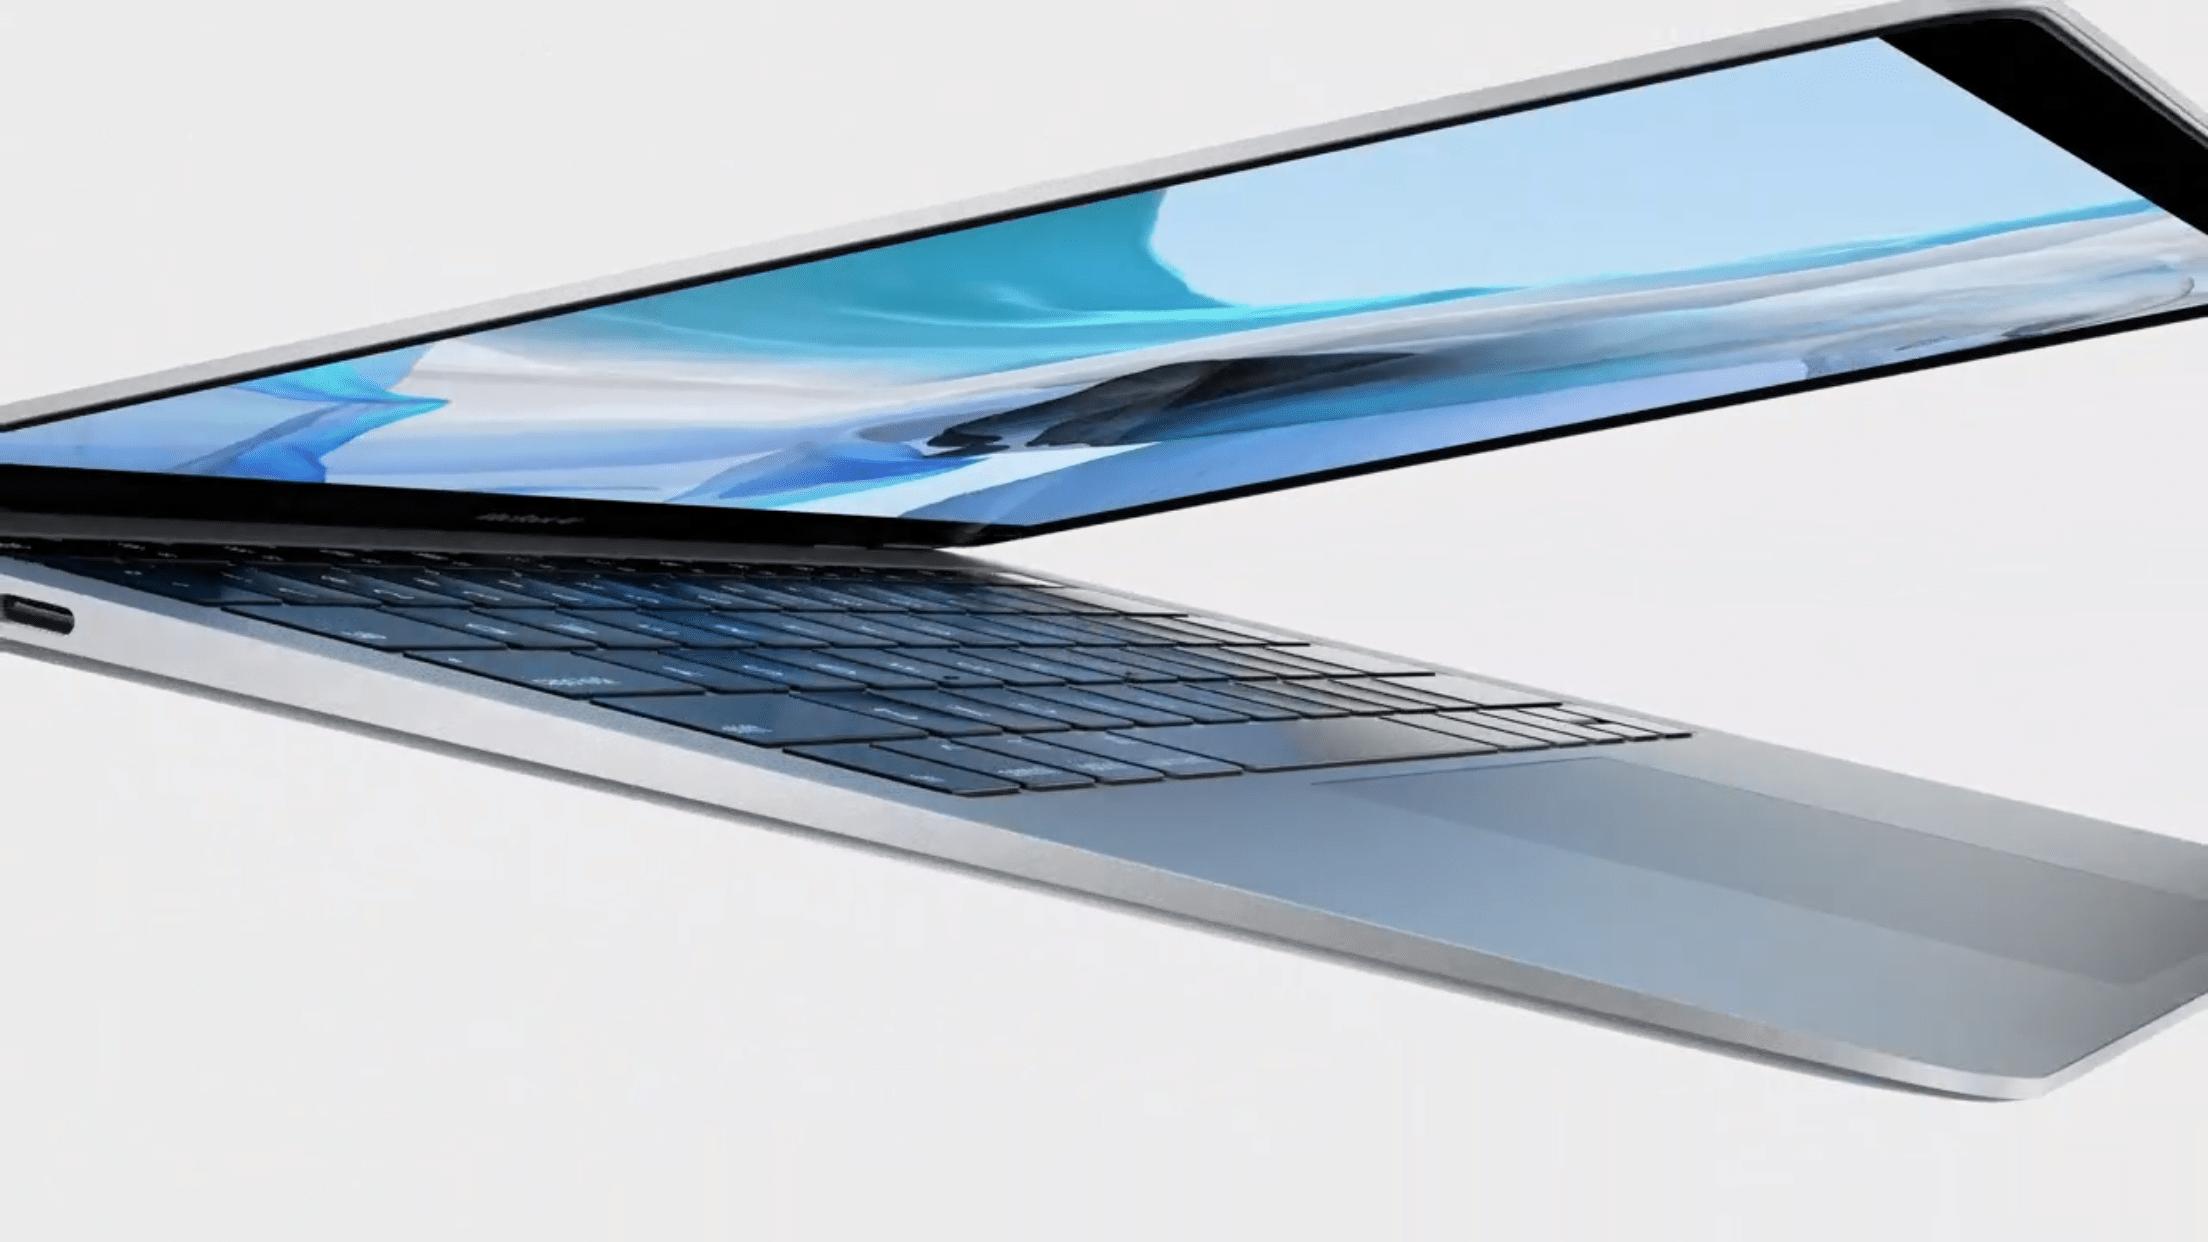 new-2018-macbook-air